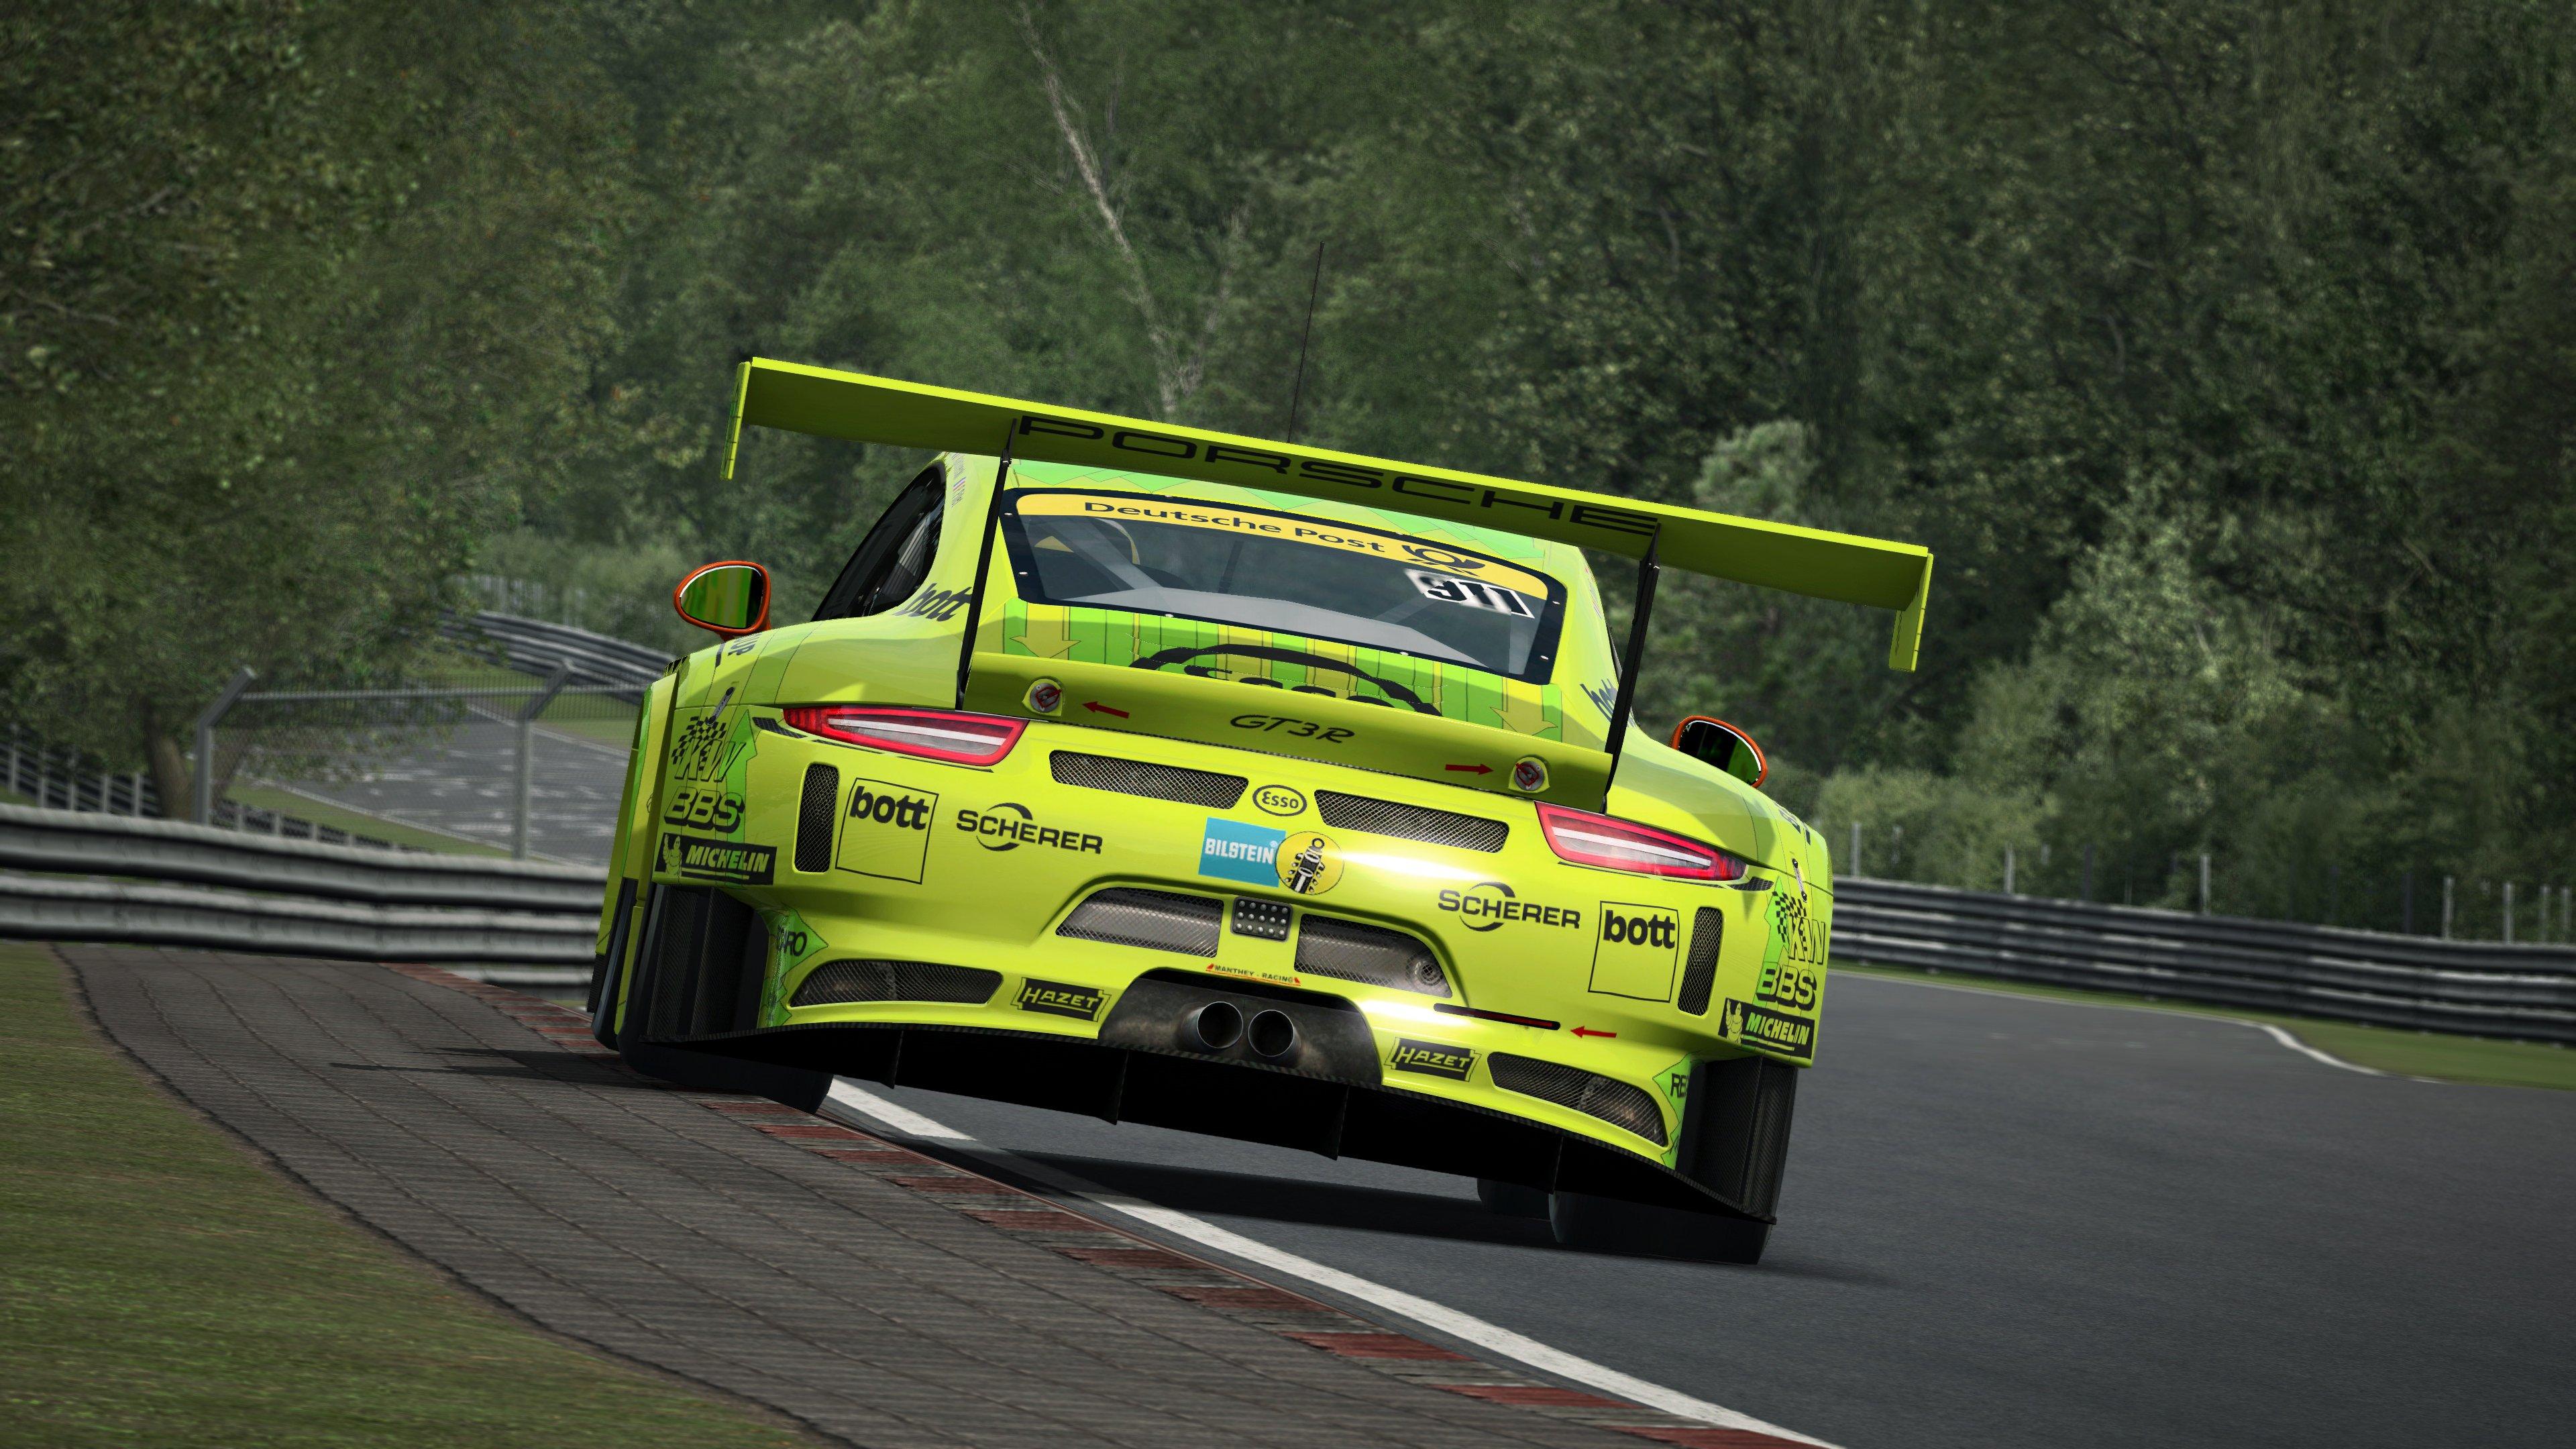 RaceRoom Porsche 911 GT3 R 31